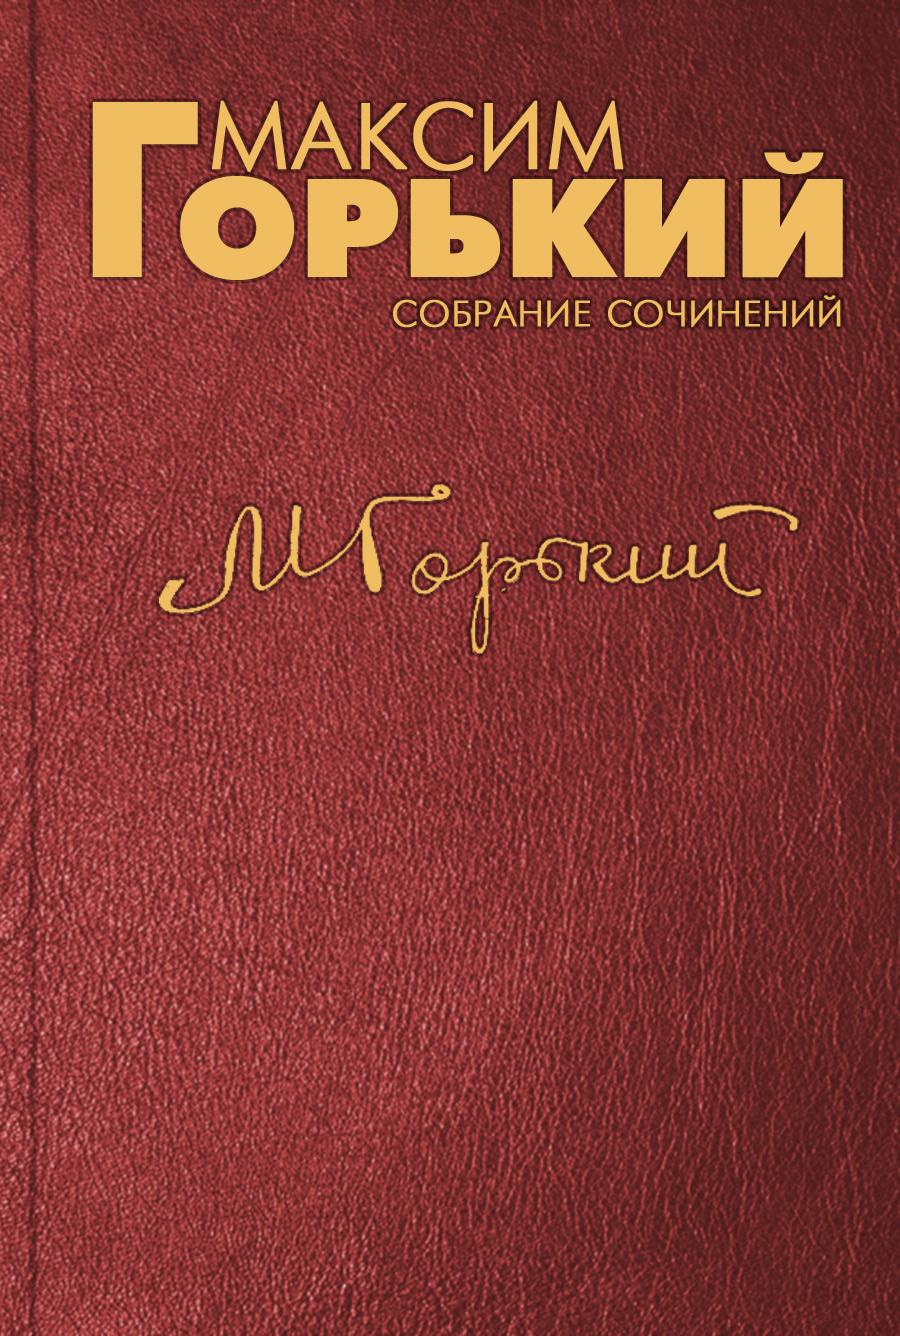 цены на Максим Горький По поводу московских событий  в интернет-магазинах